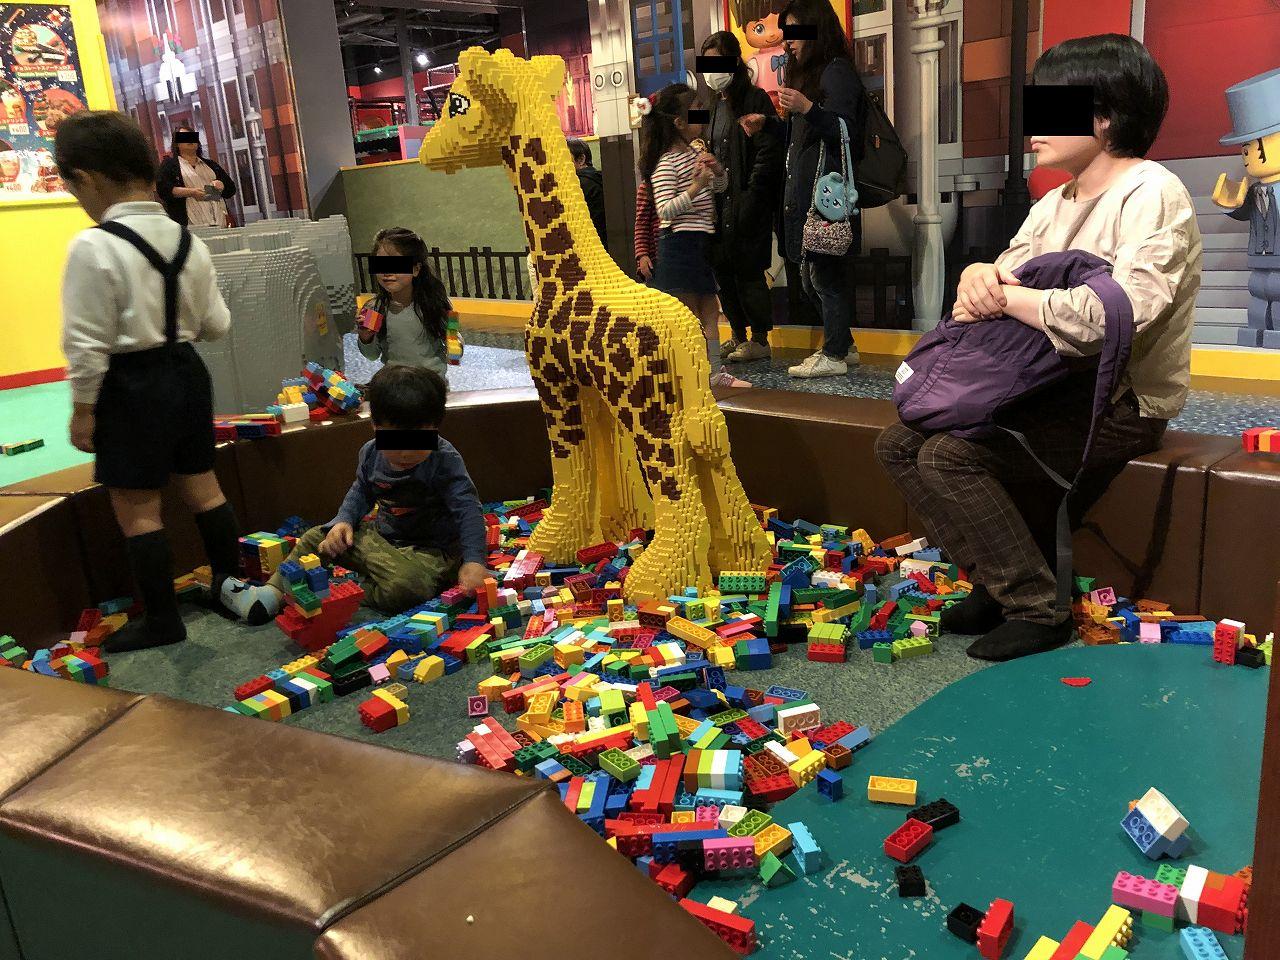 レゴブロックで遊べるスペース